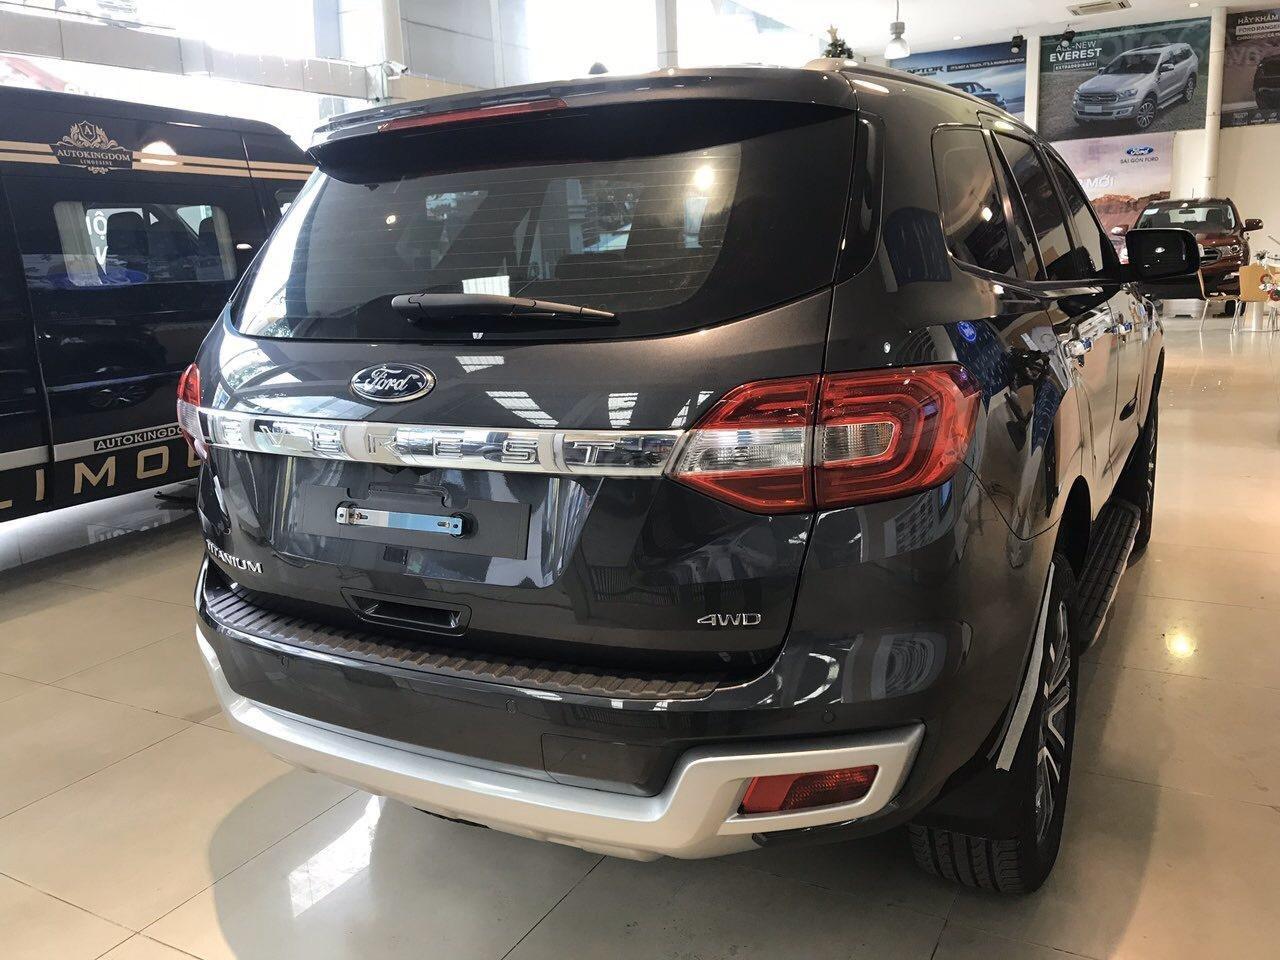 Bán Ford Everest 2019 nhập khẩu - đủ màu, giao ngay, khuyến mãi hấp dẫn, LH: 0908812444 (3)